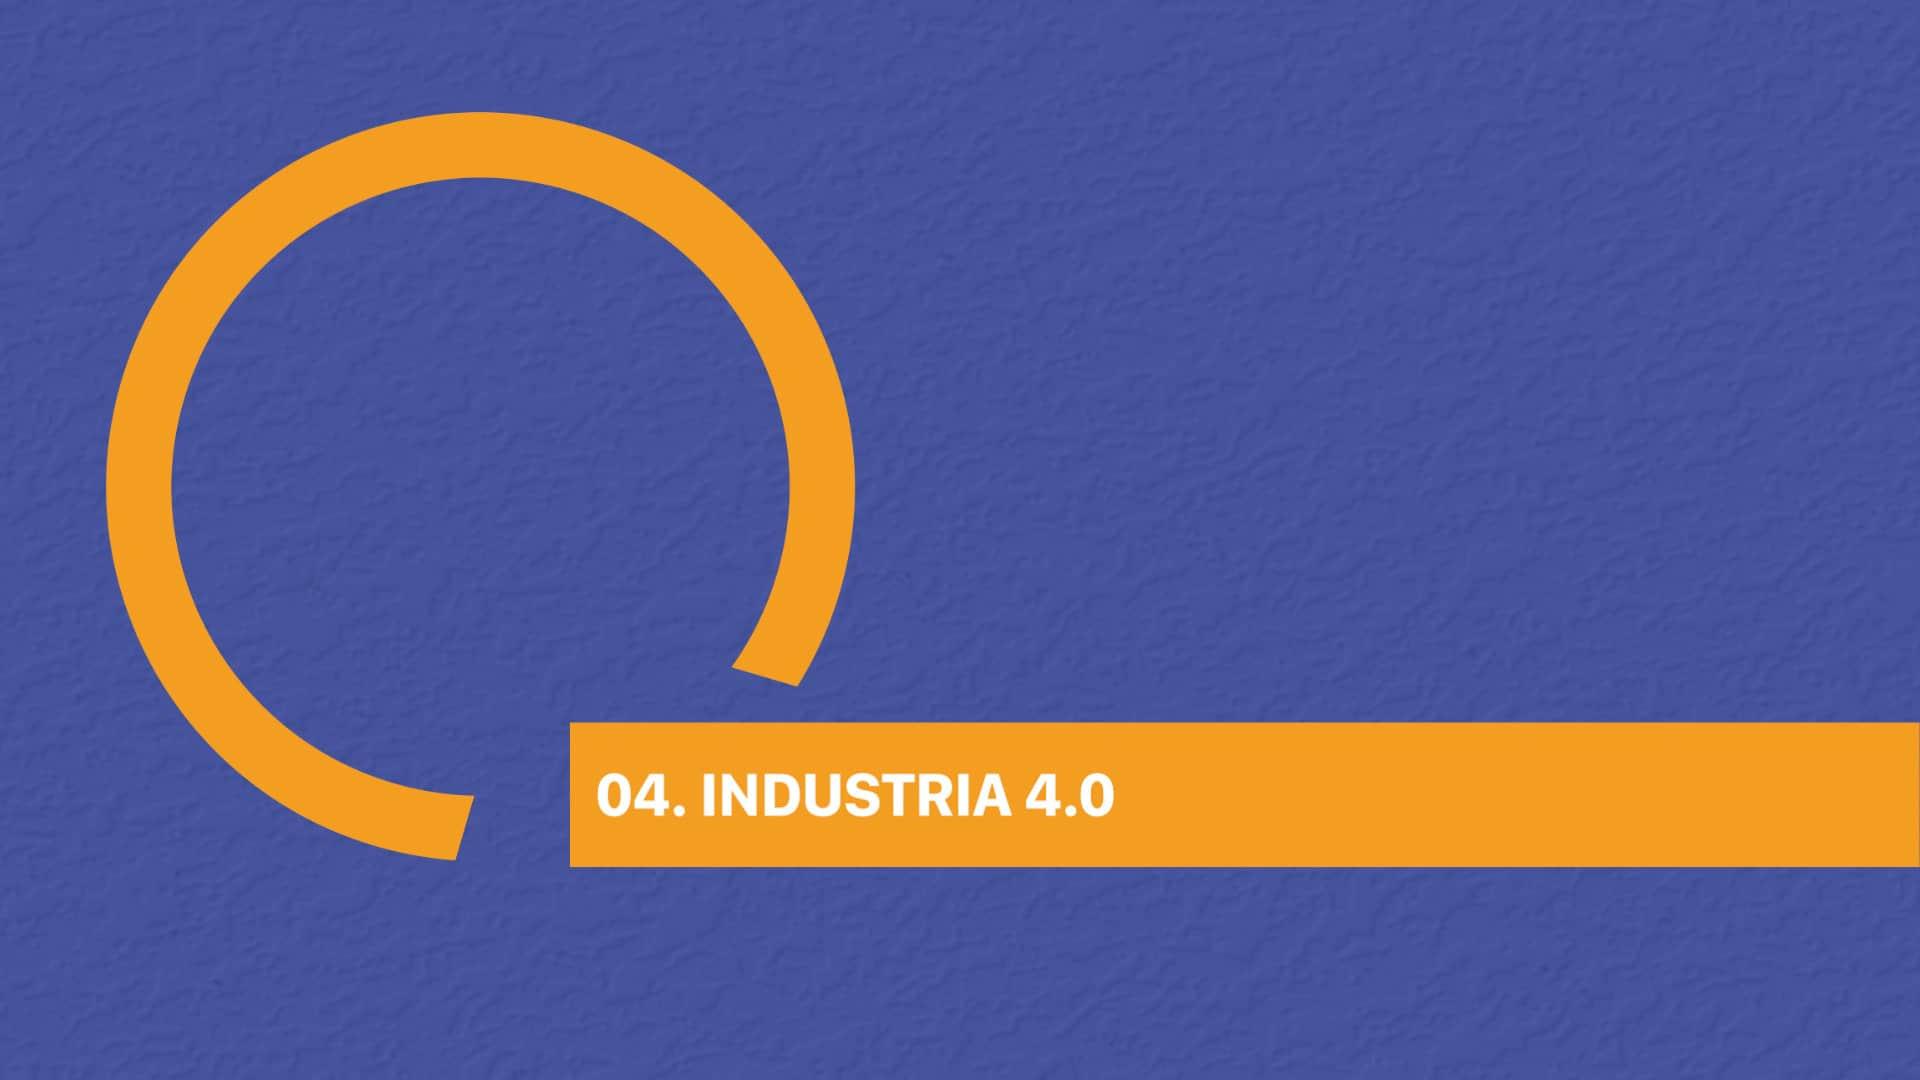 04. INDUSTRIA 4.0